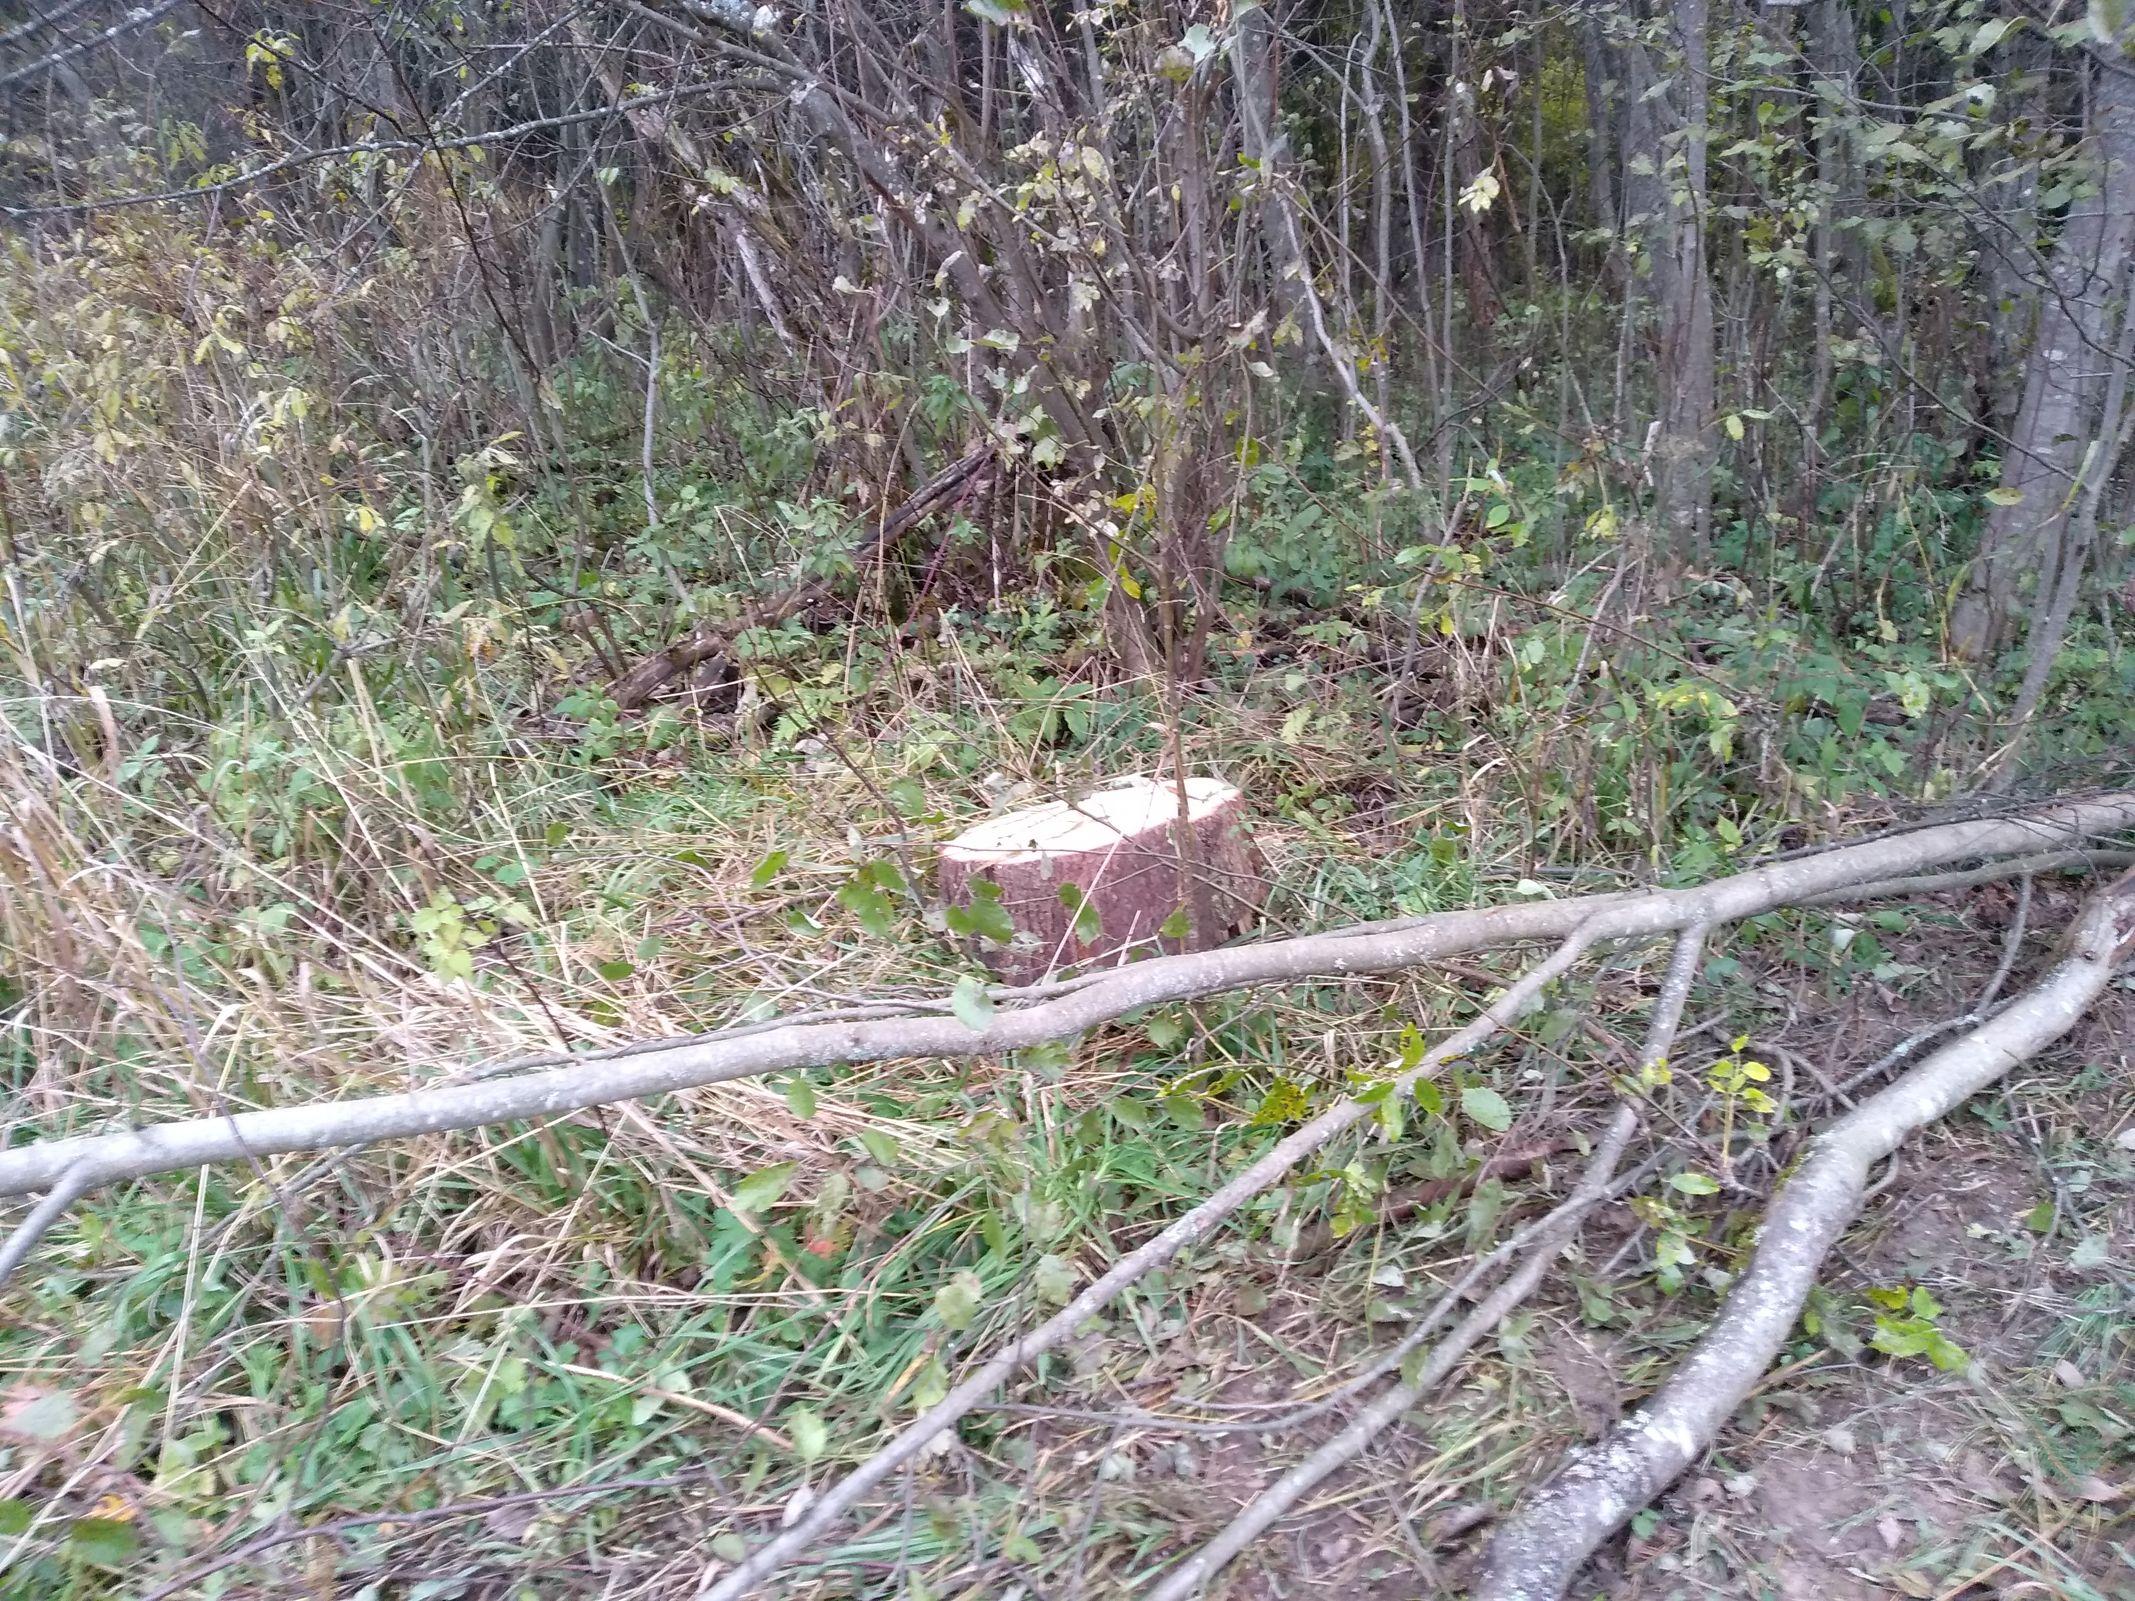 В Ярославской области незаконно вырубили деревьев на 678 тысяч рублей: возбуждено уголовное дело